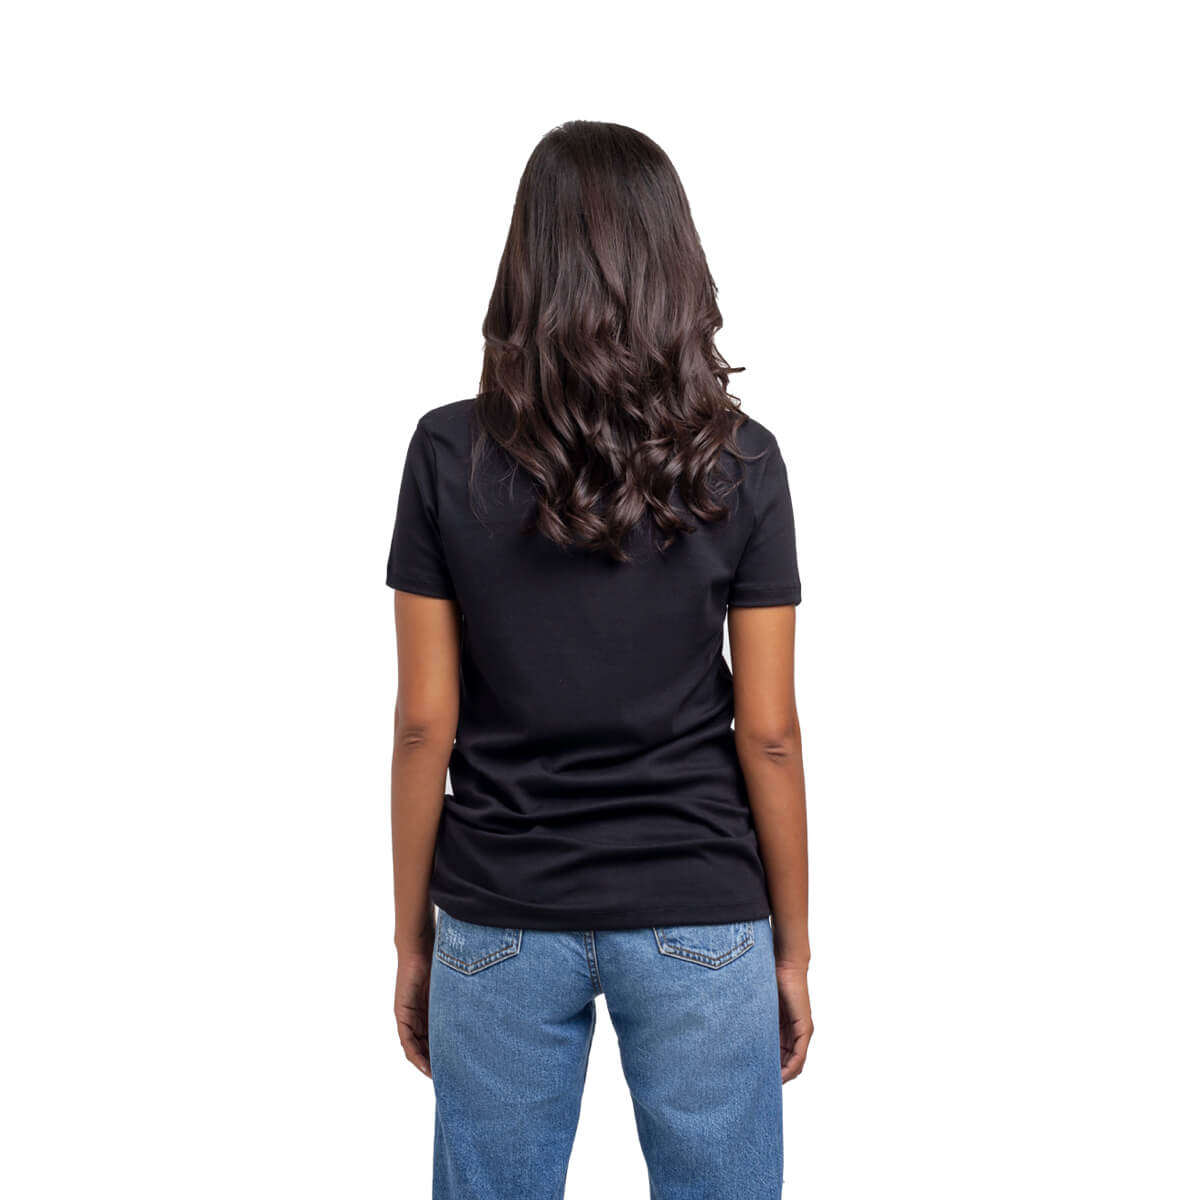 Franela esencial cuello redondo negra dama espalda